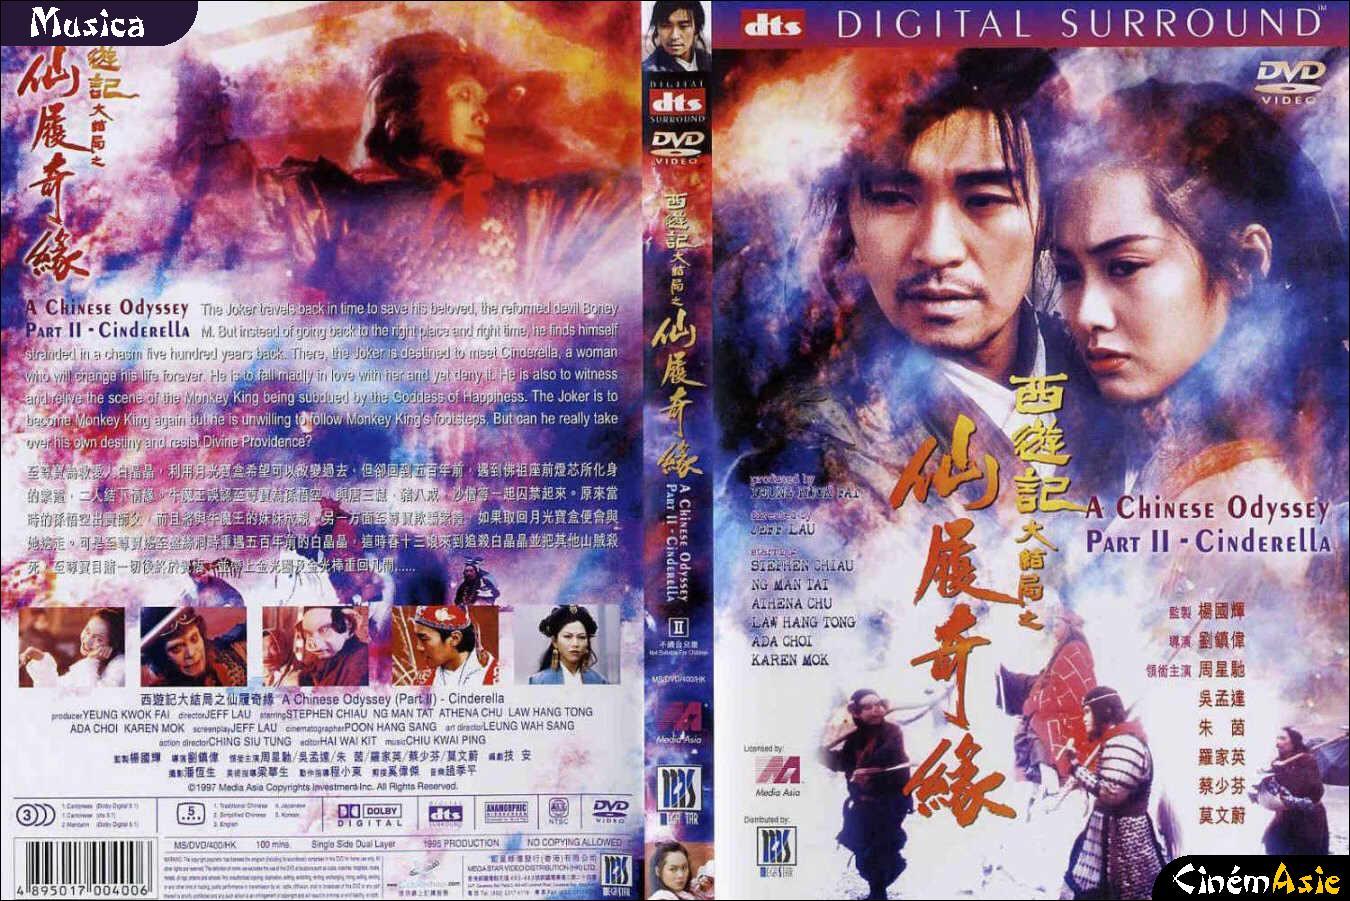 http://xemphimhay247.com - Tây Du Ký 2: Tiên Lý Kỳ Duyên (1995) - Lồng Tiếng